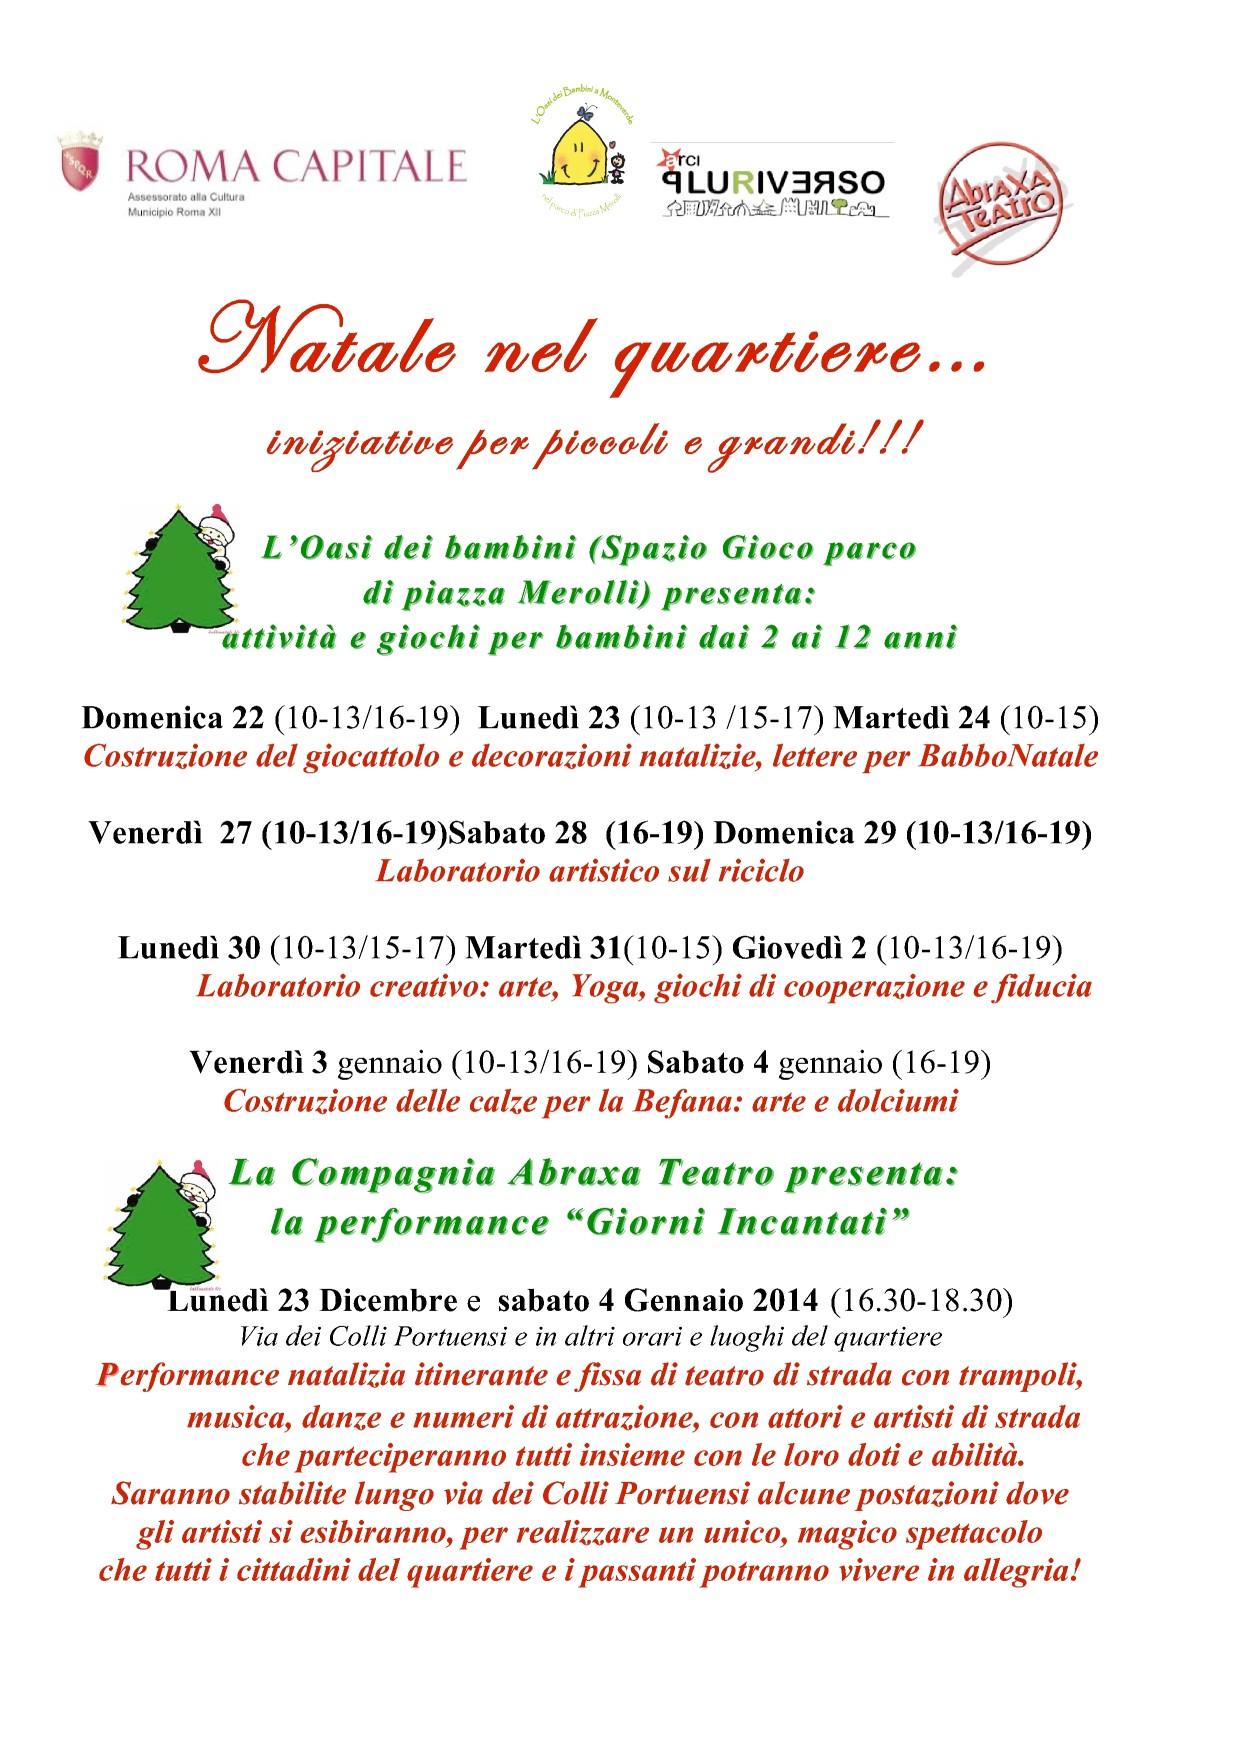 Giorni Incantati - Abraxa Teatro - Natale nel Quartiere